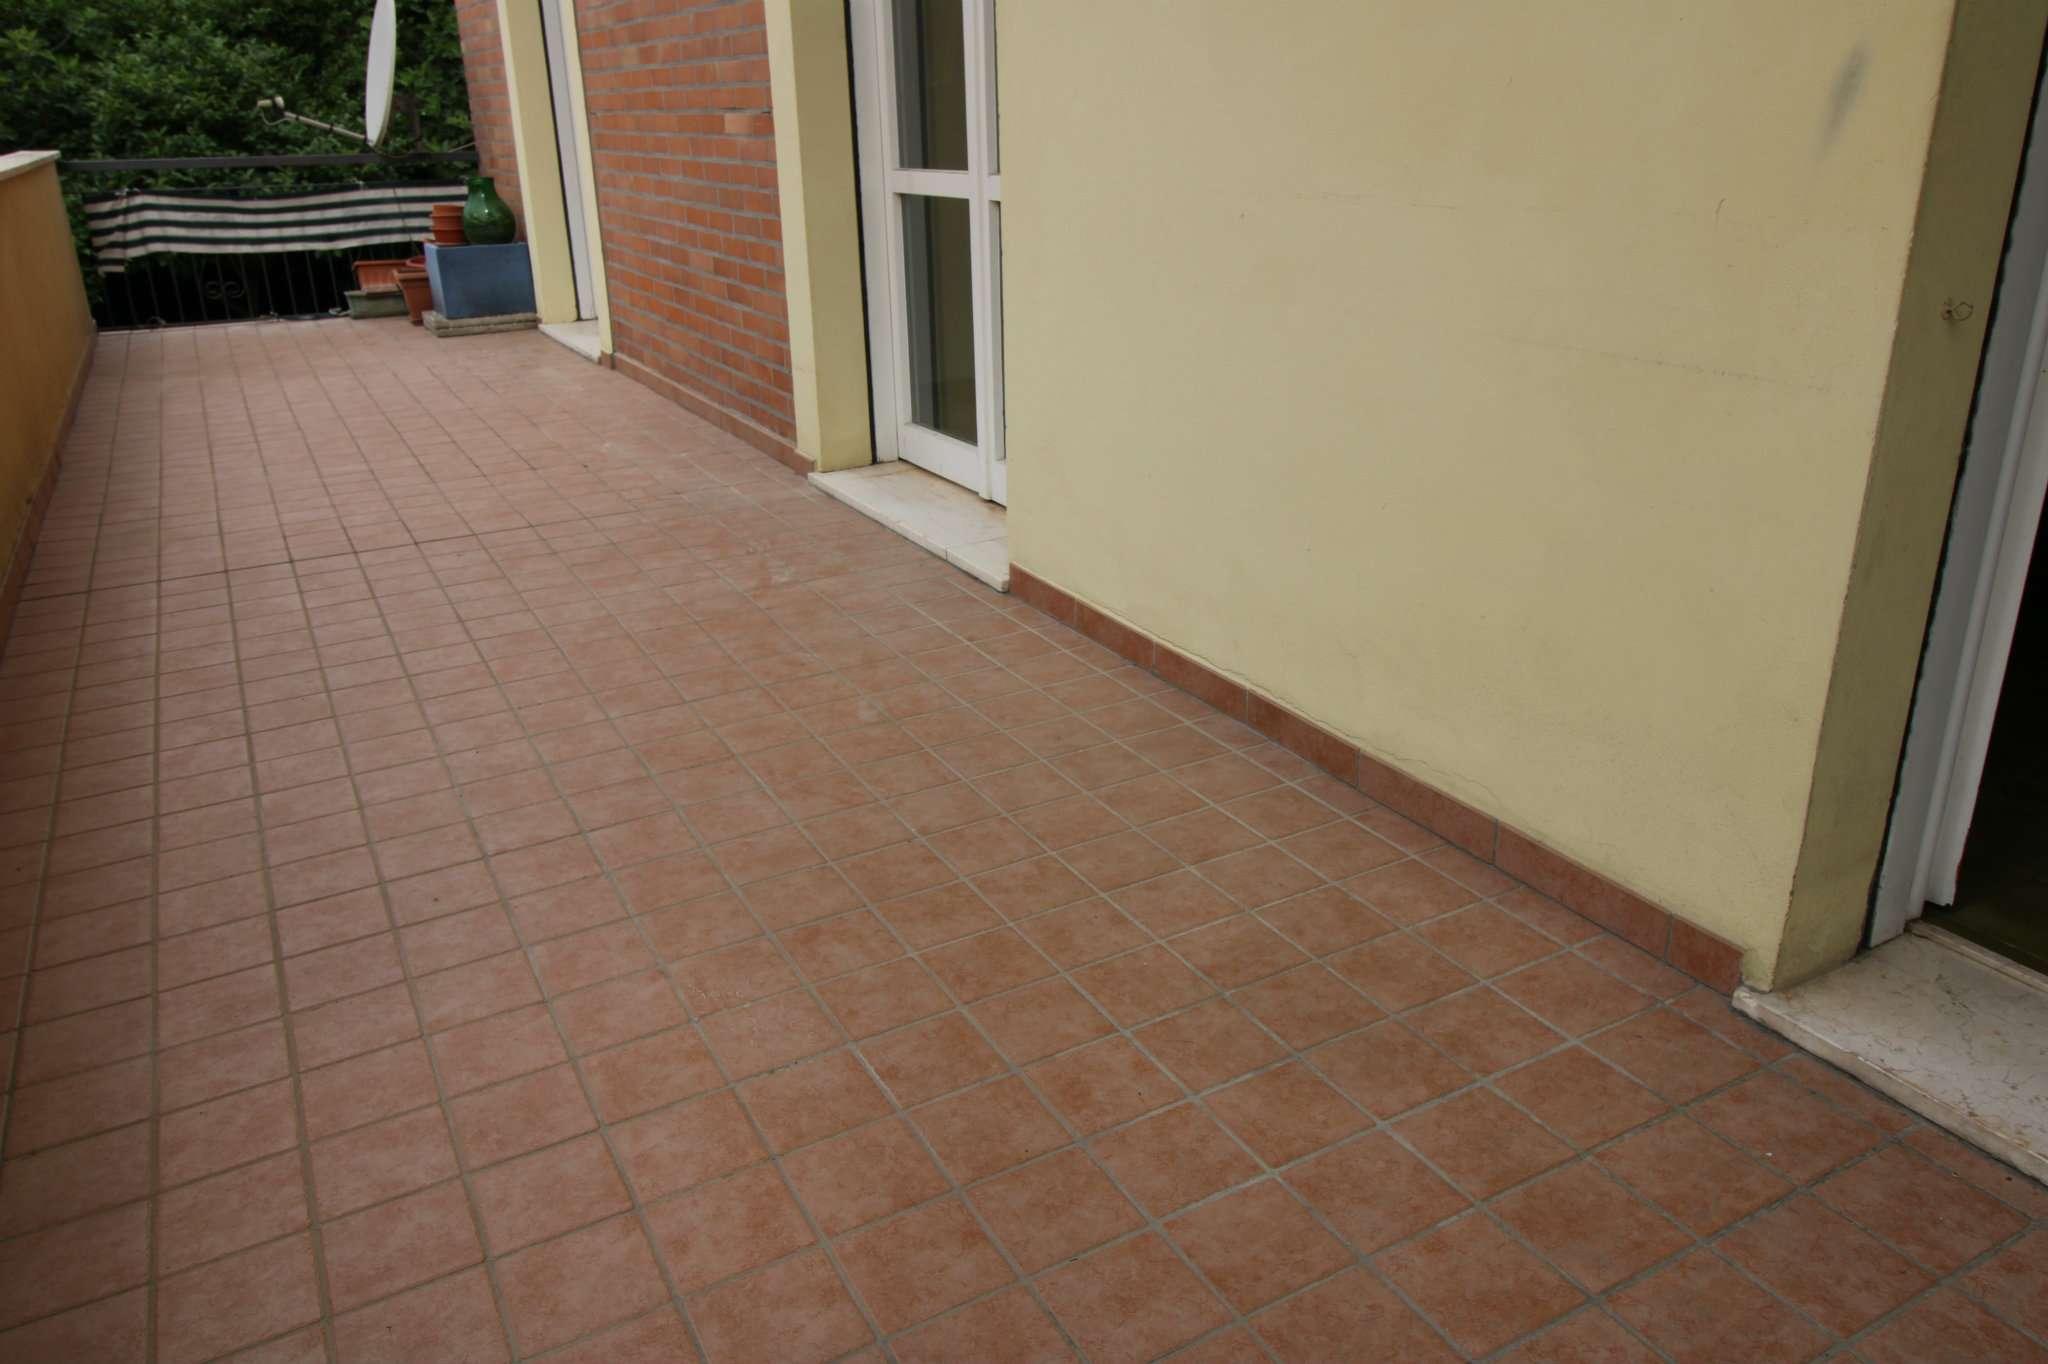 Appartamento in vendita a San Mauro Pascoli, 4 locali, prezzo € 145.000 | PortaleAgenzieImmobiliari.it